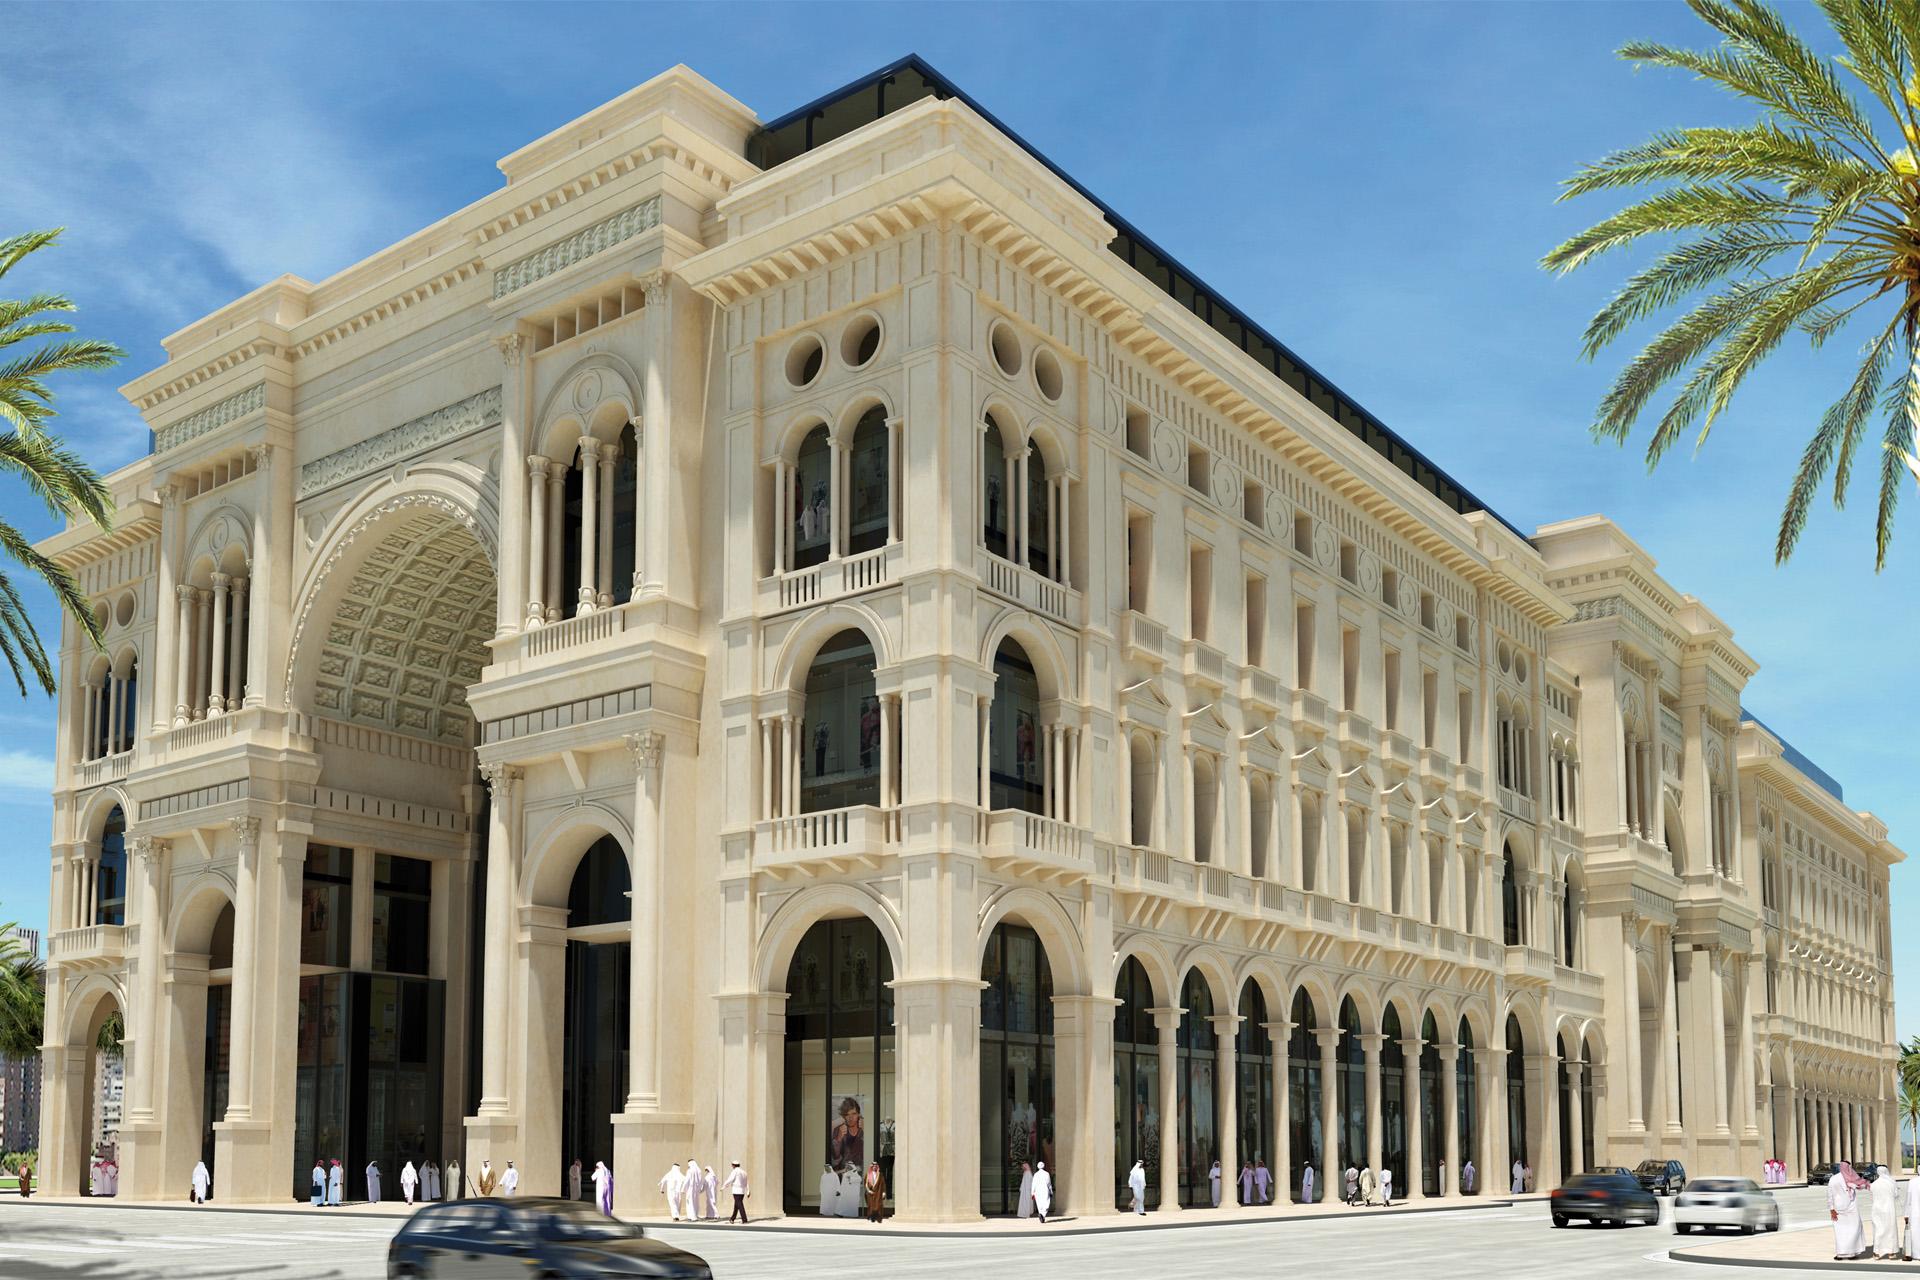 Galleria Jeddah Ksa